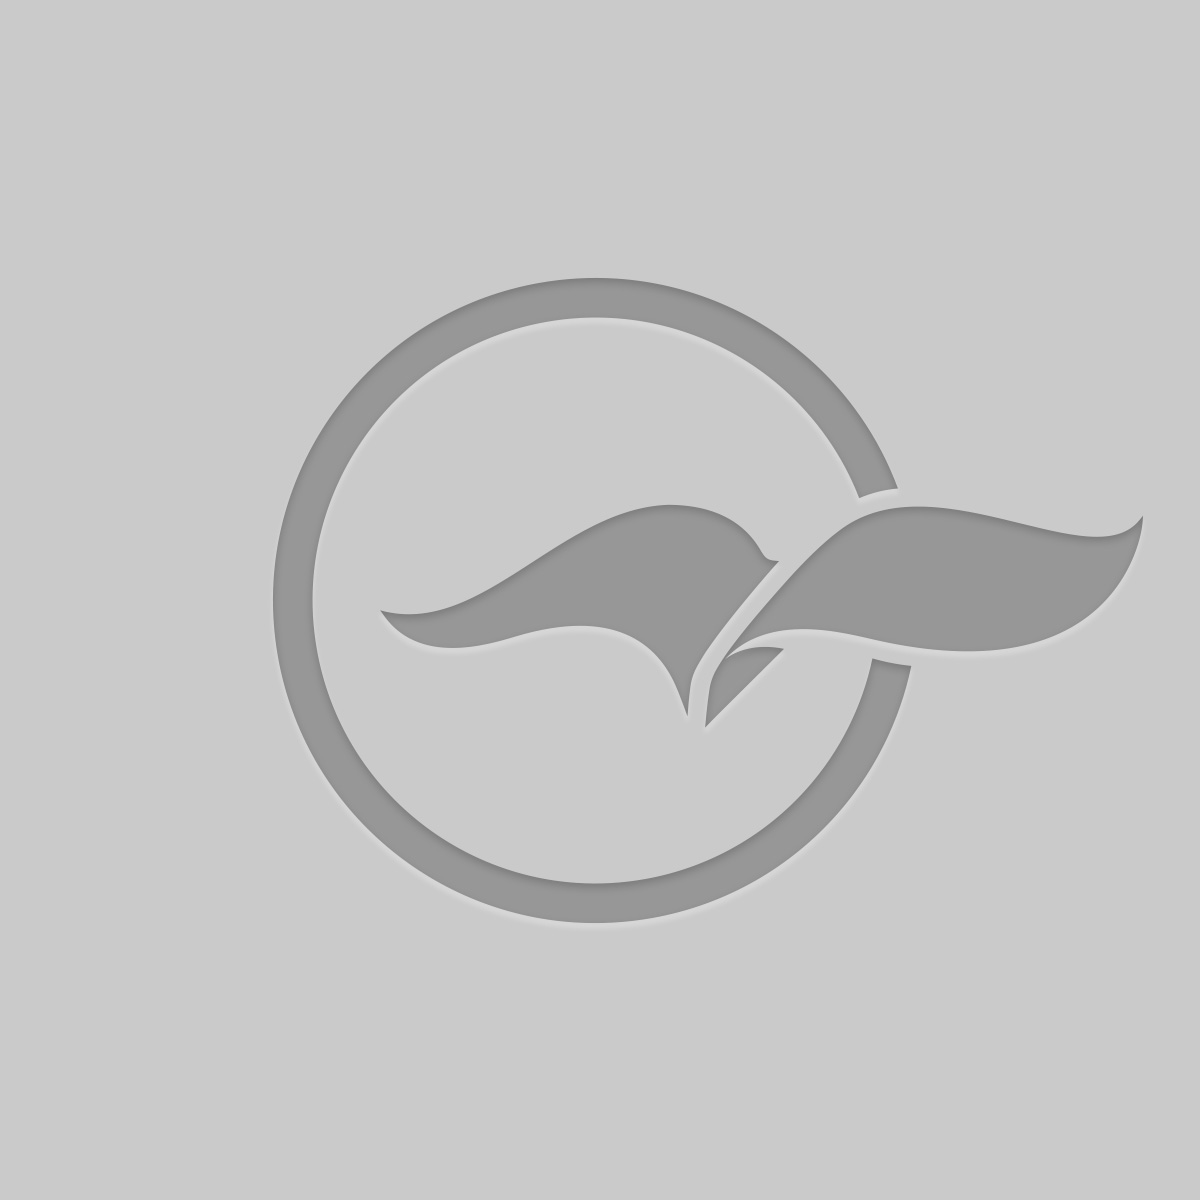 കശ്മീർ പ്രക്ഷോഭം: പ്രതിനിധി സംഘത്തിൽ നിന്ന് മുതിർന്ന മാധ്യമ പ്രവർത്തകൻ പിൻമാറി